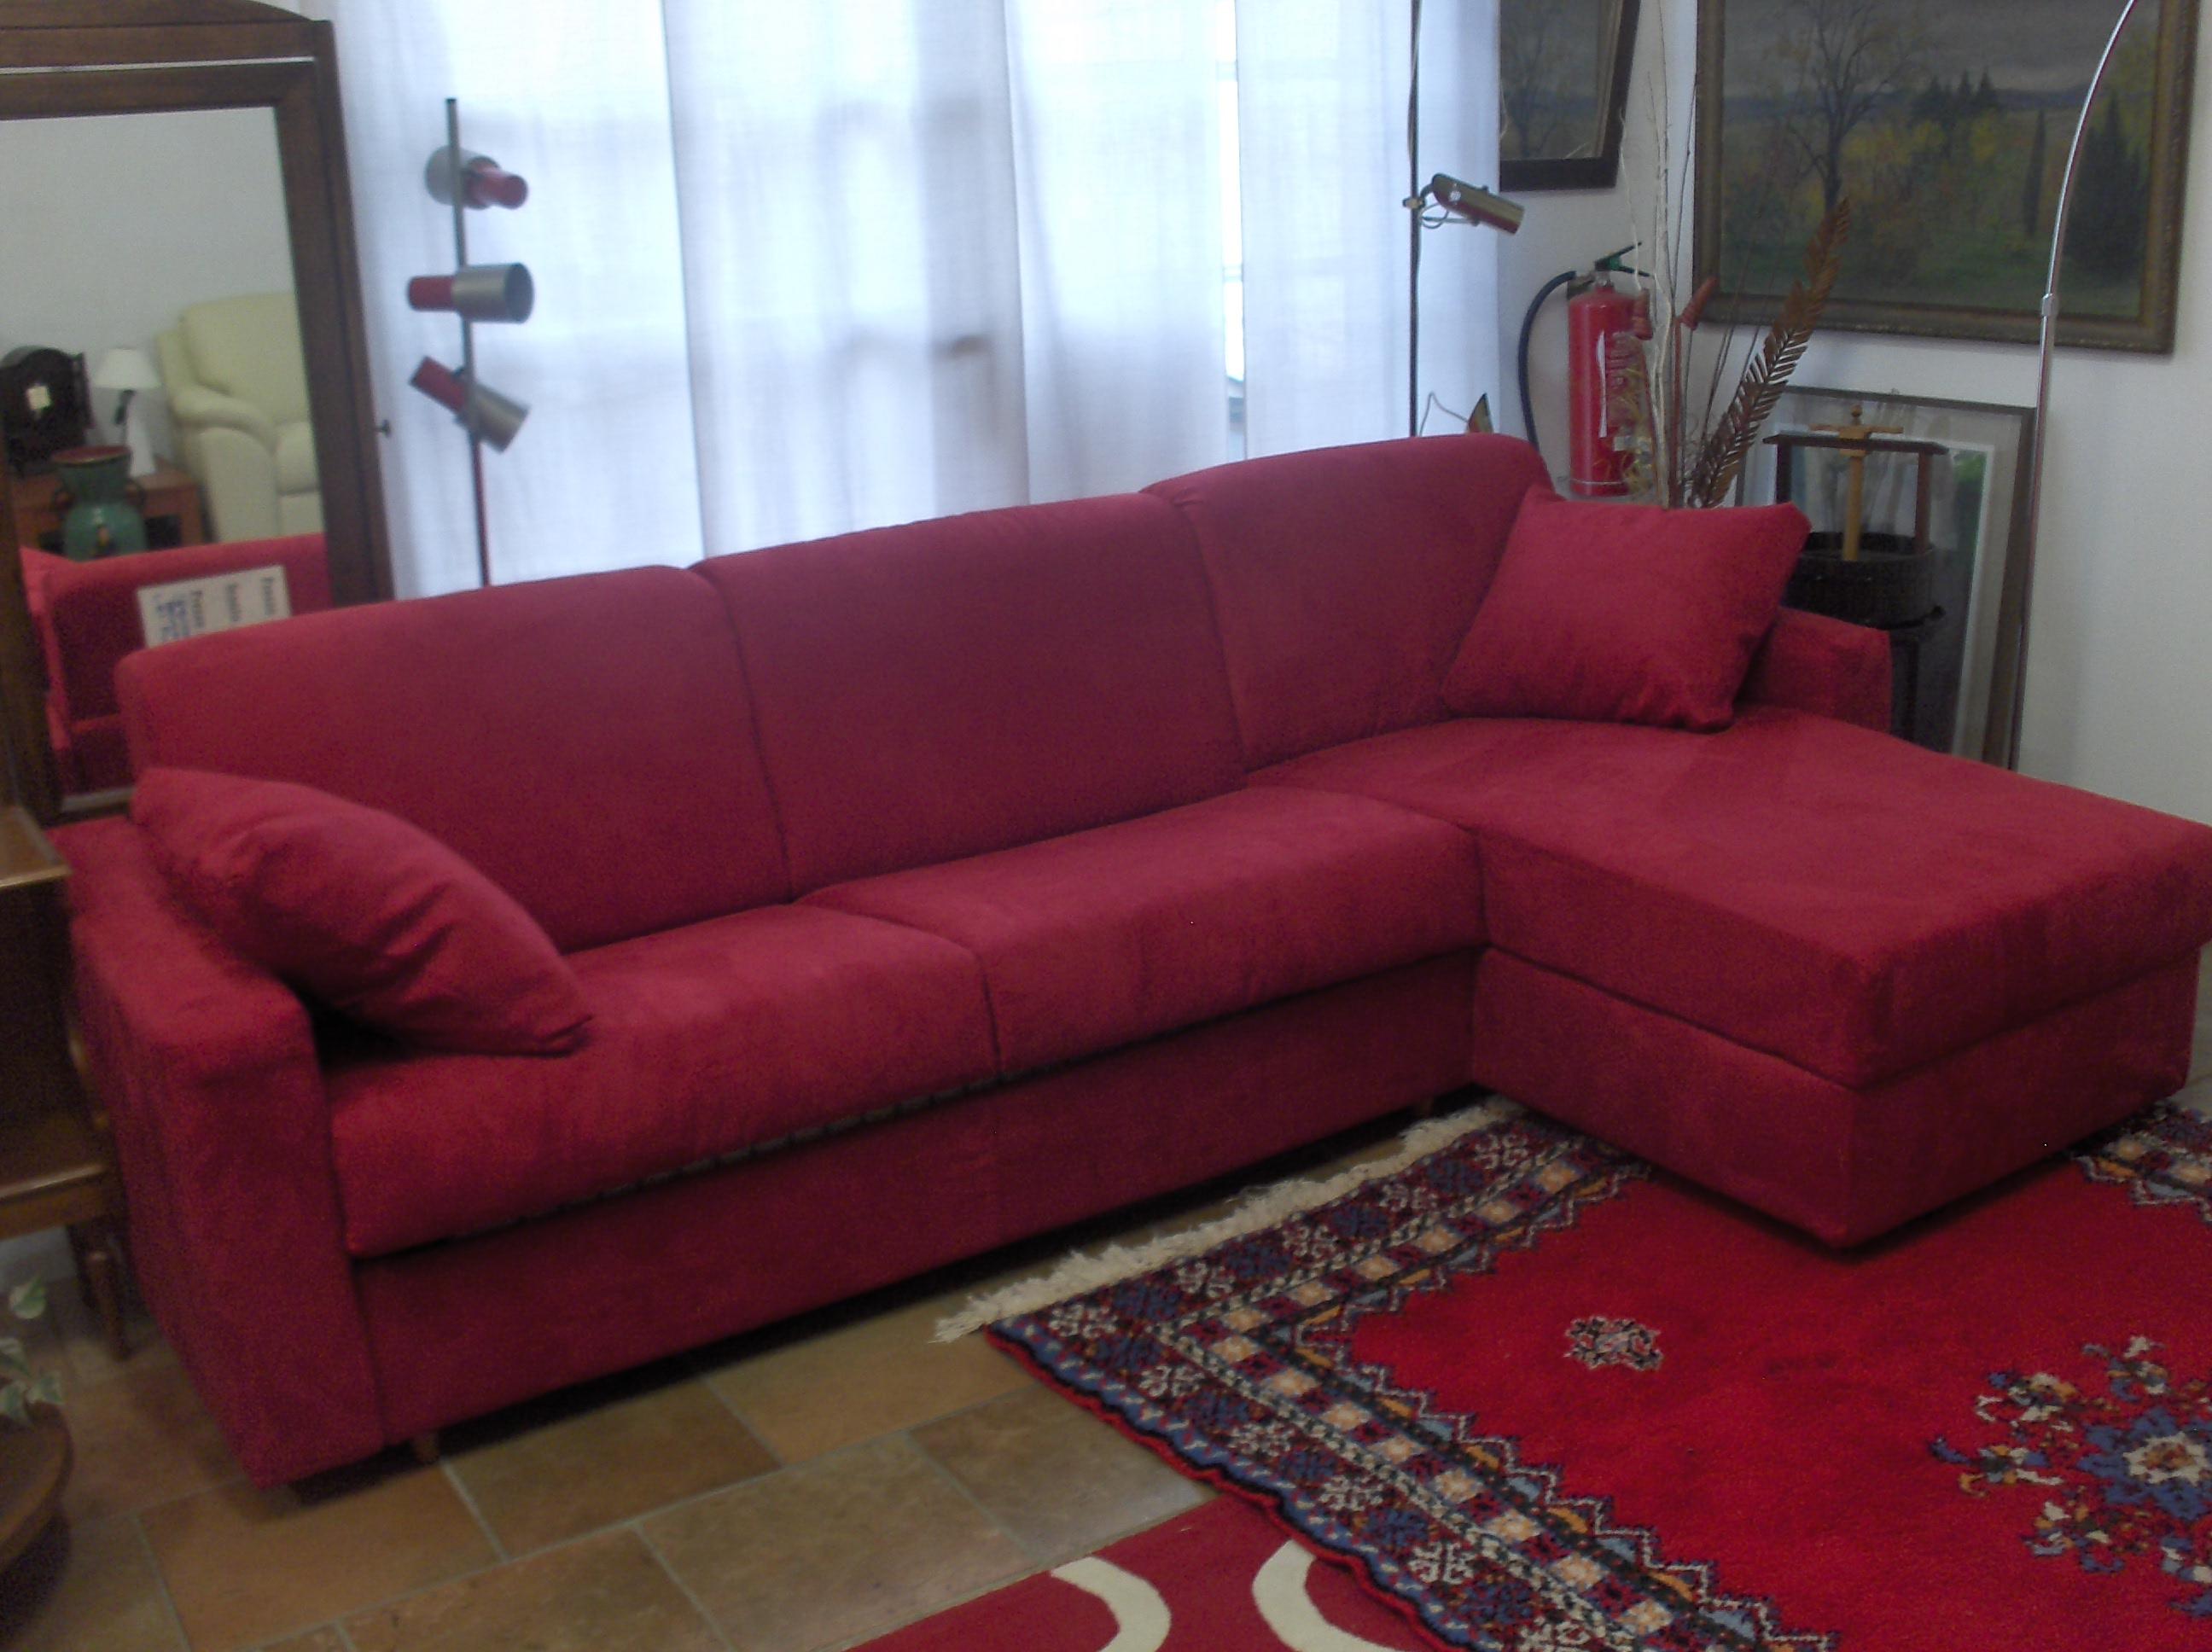 Mercatino : Arredamenti nuovi » Arredamenti nuovi » divano ...